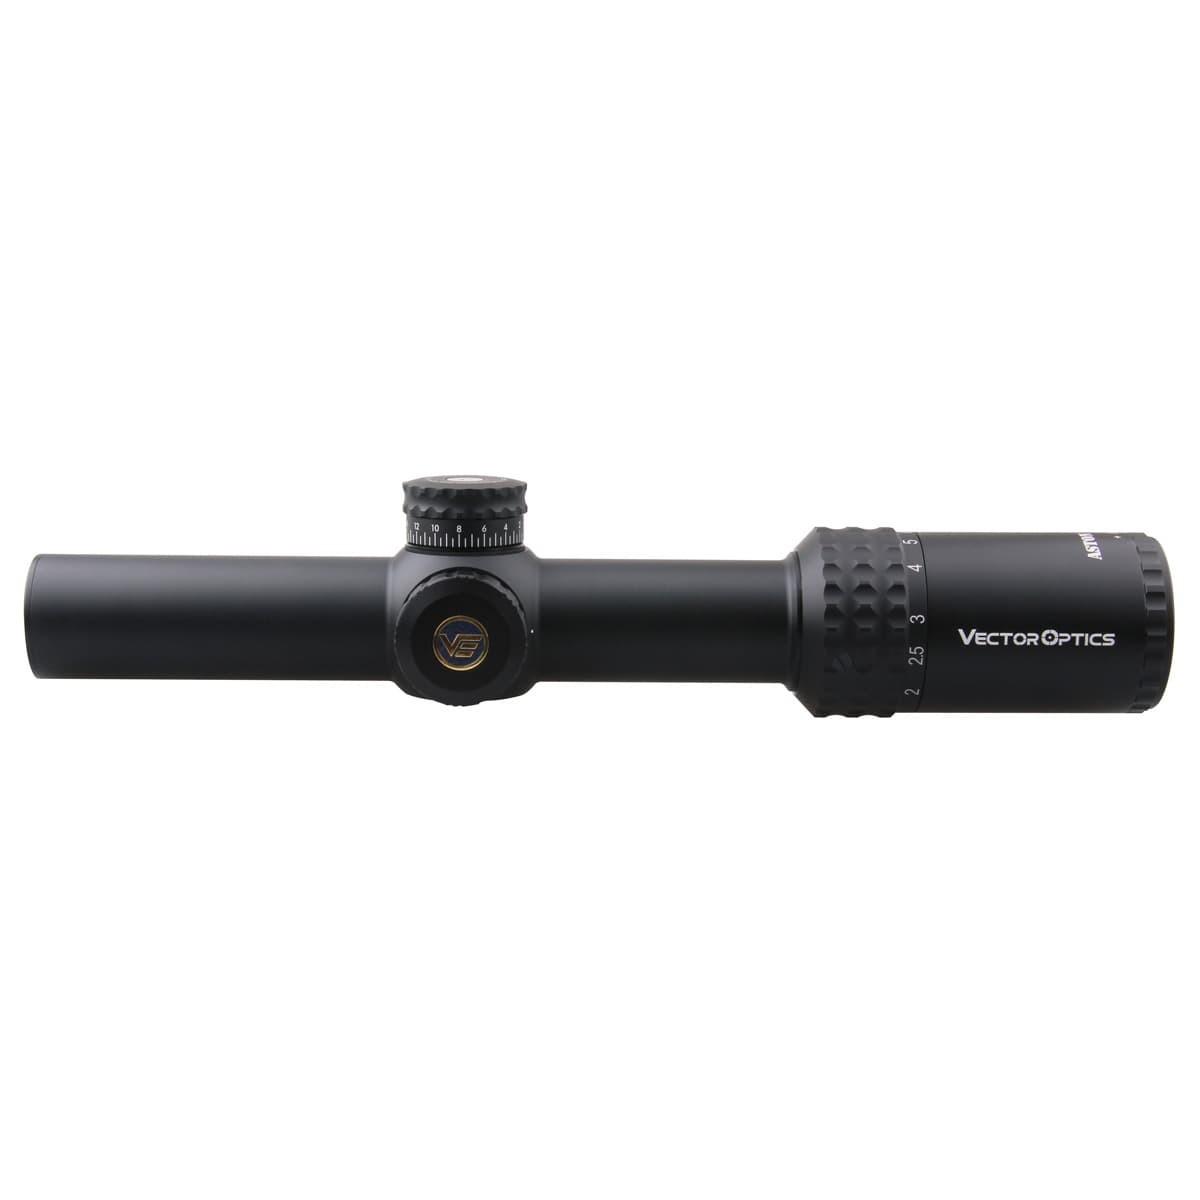 Vector Optics SCOC-24 Aston 1-6x24